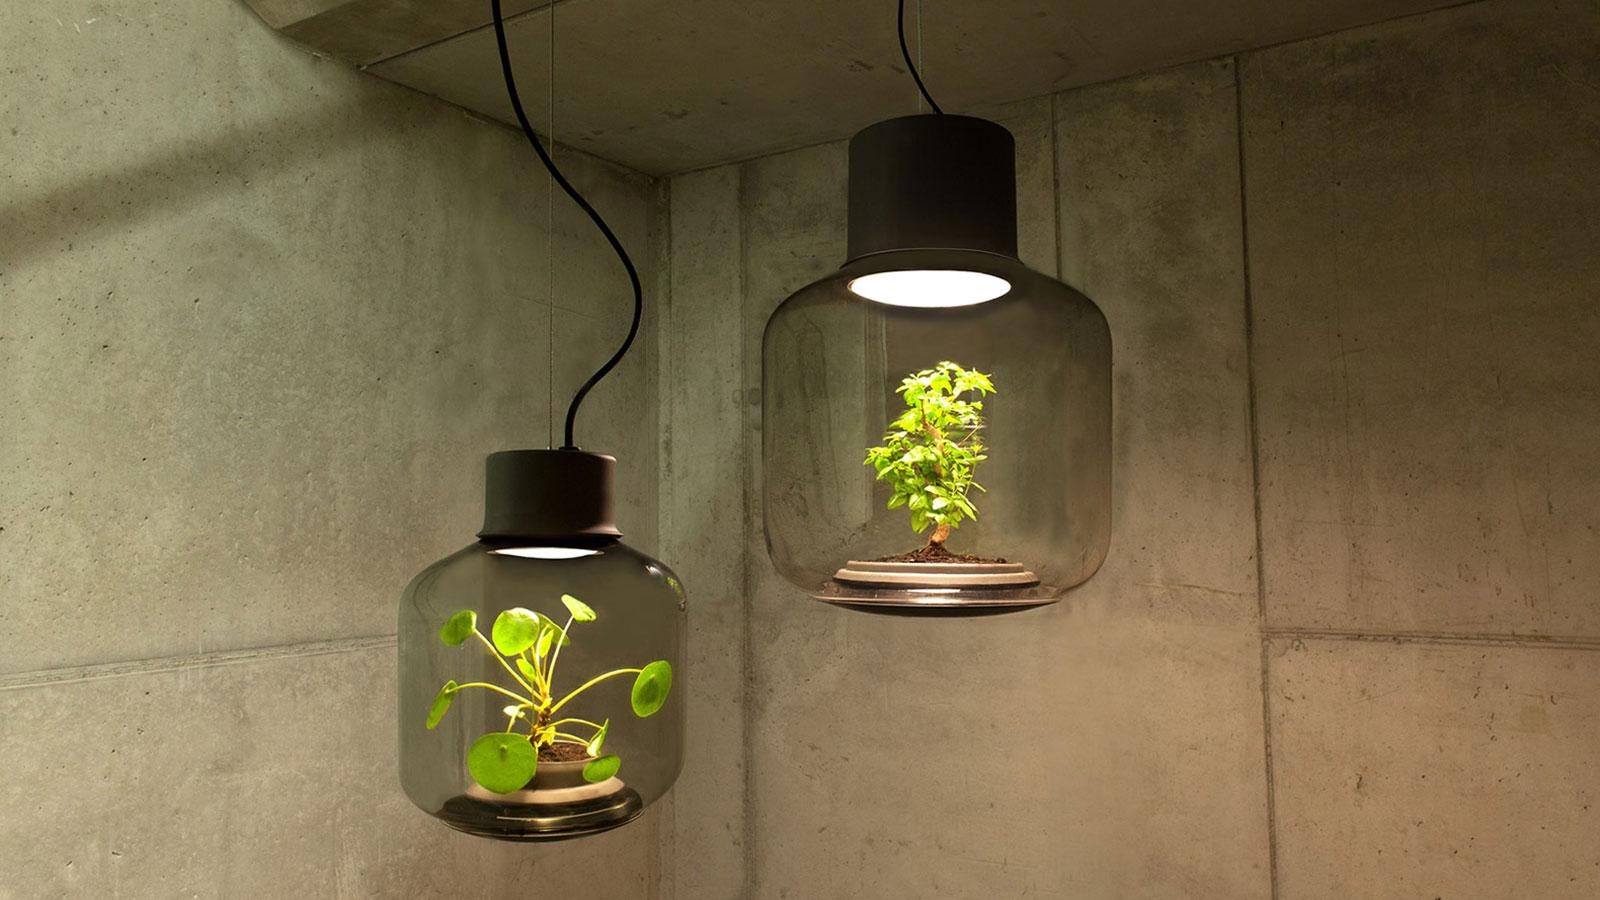 MYGDAL PLANTLAMP: NO NATURAL LIGHT NEEDED